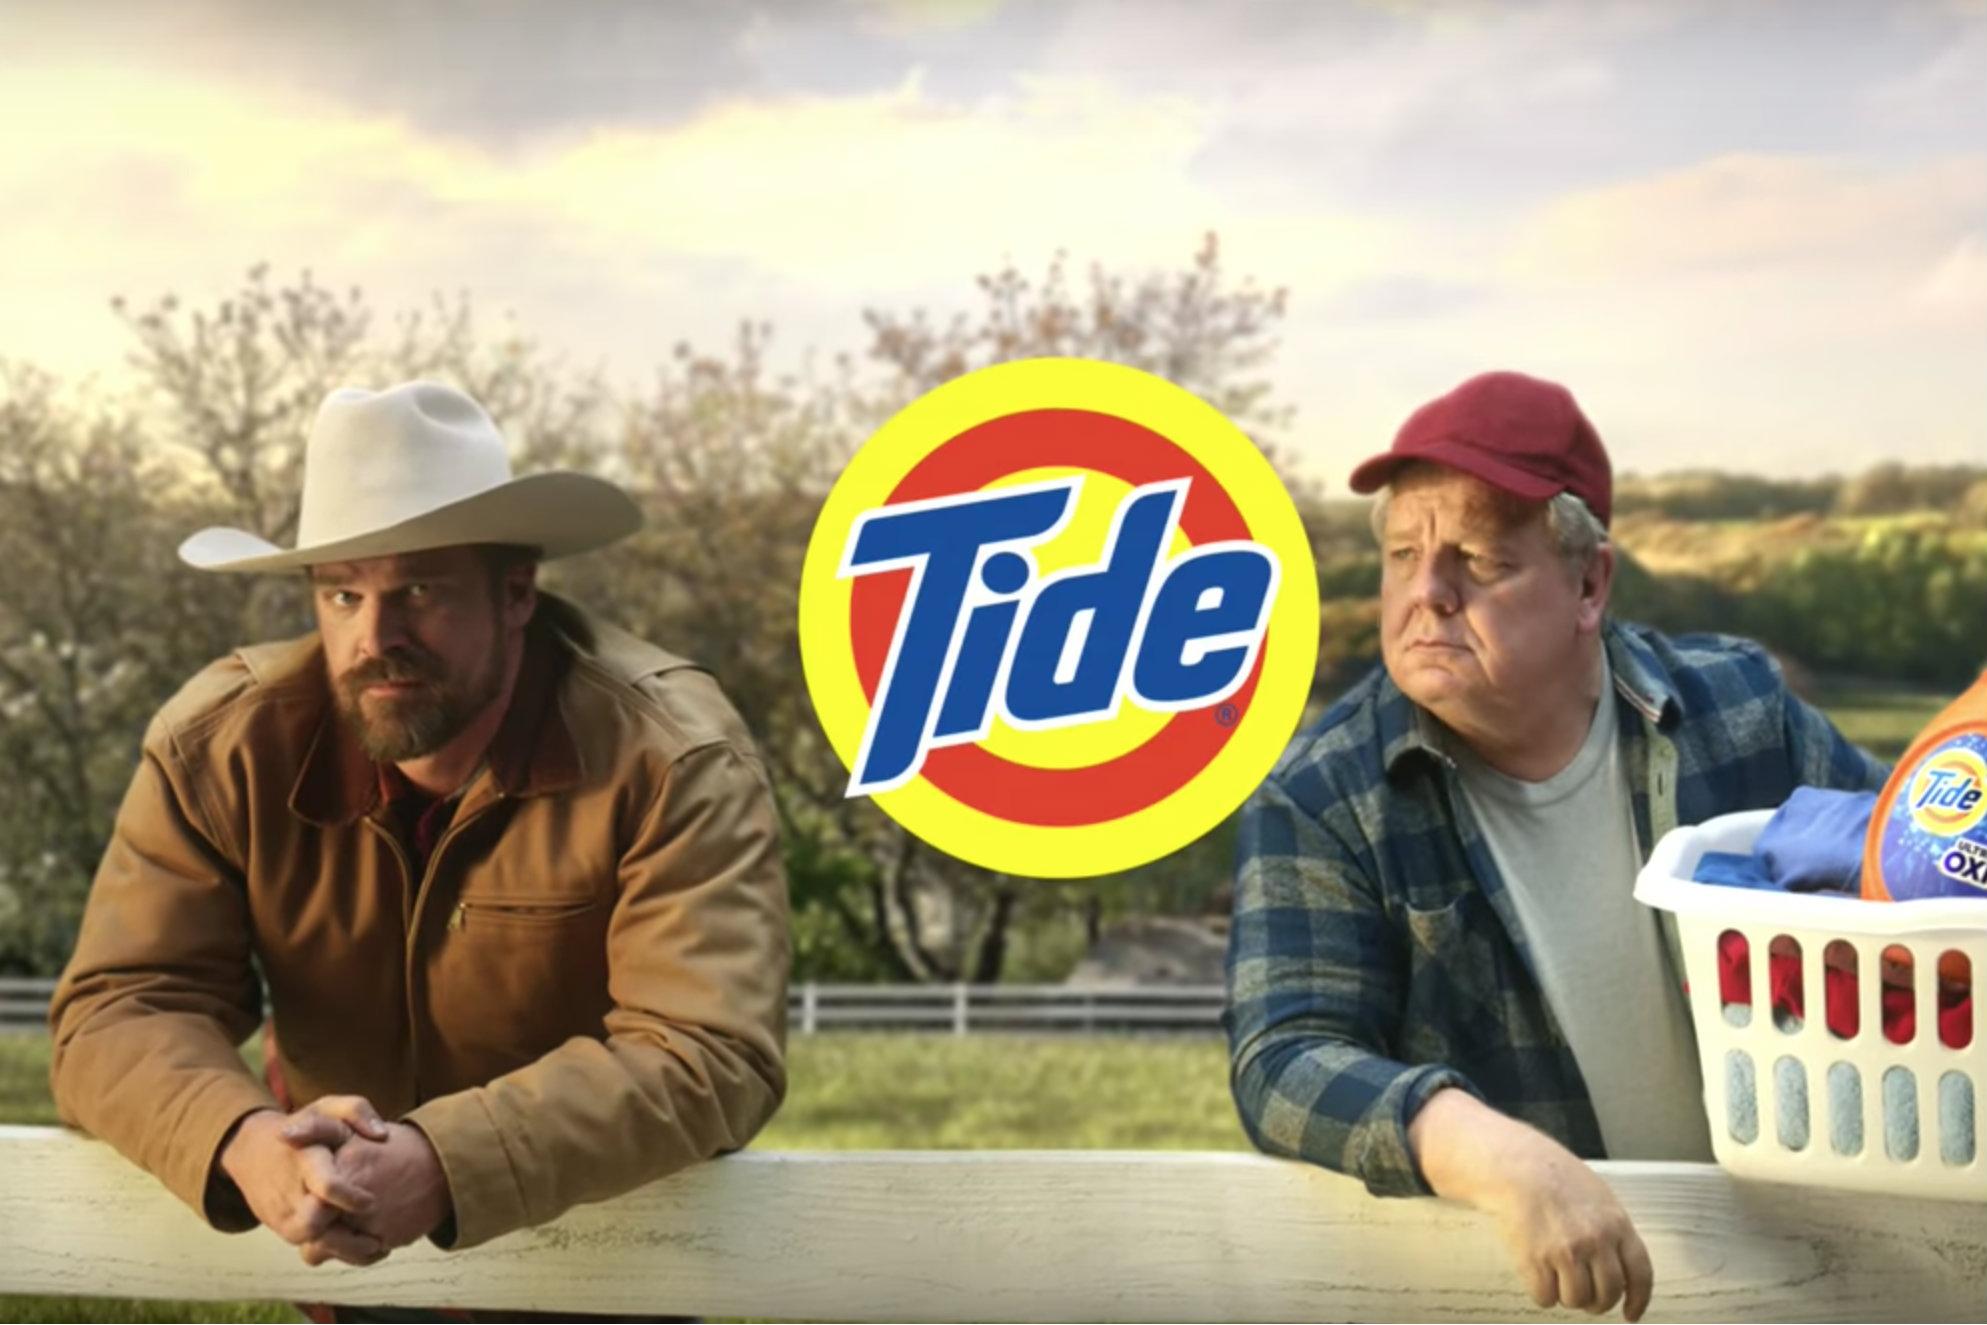 Tide: It's a Tide ad